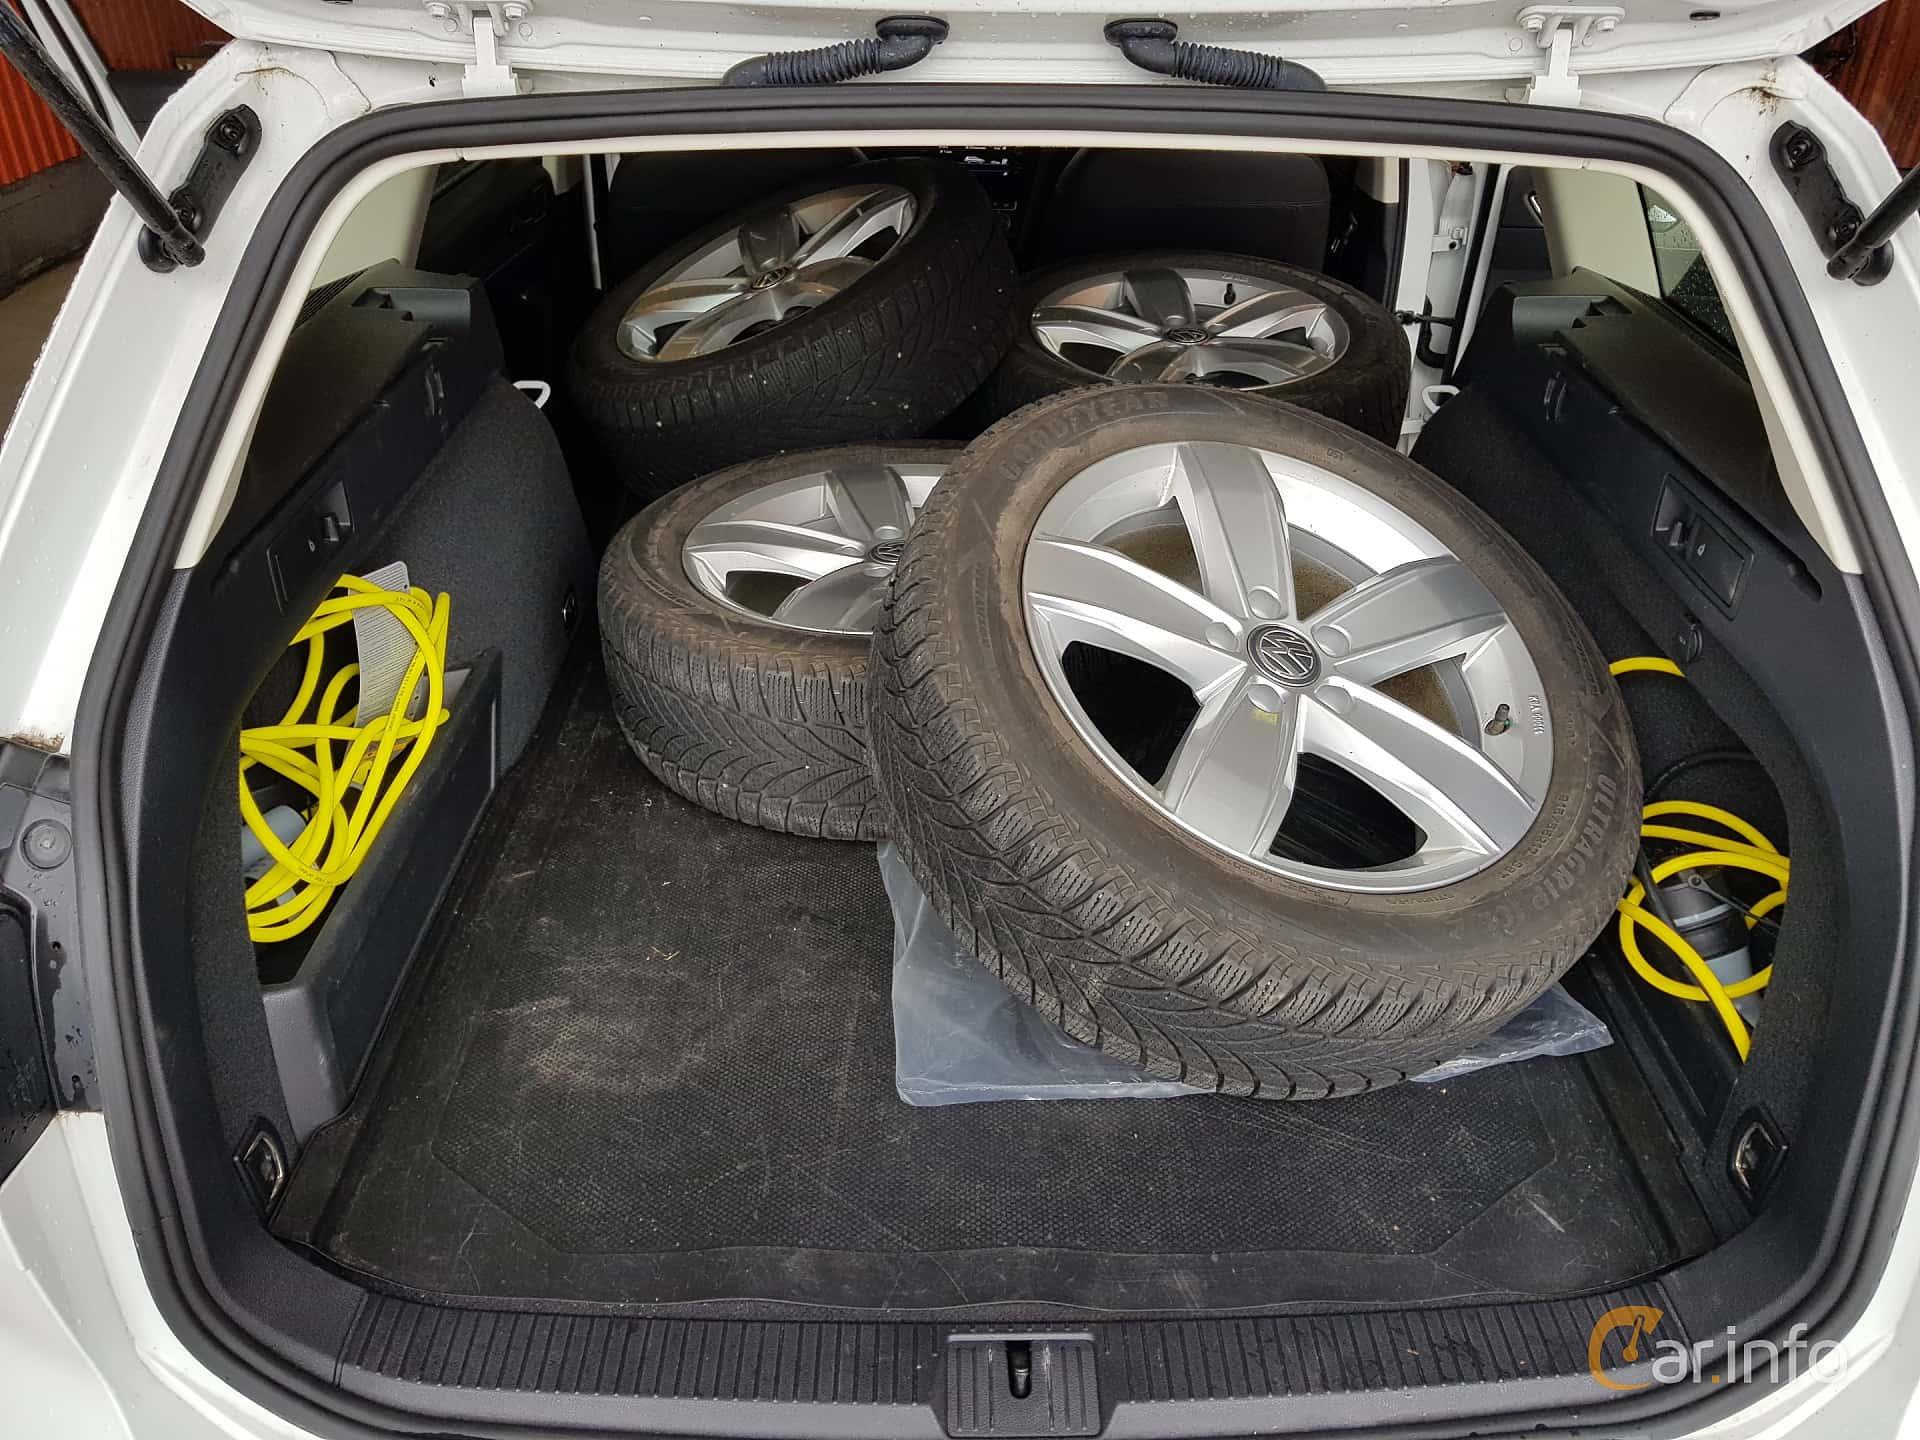 Volkswagen Passat GTE Variant 1.4 TSI DSG Sequential, 218hp, 2018